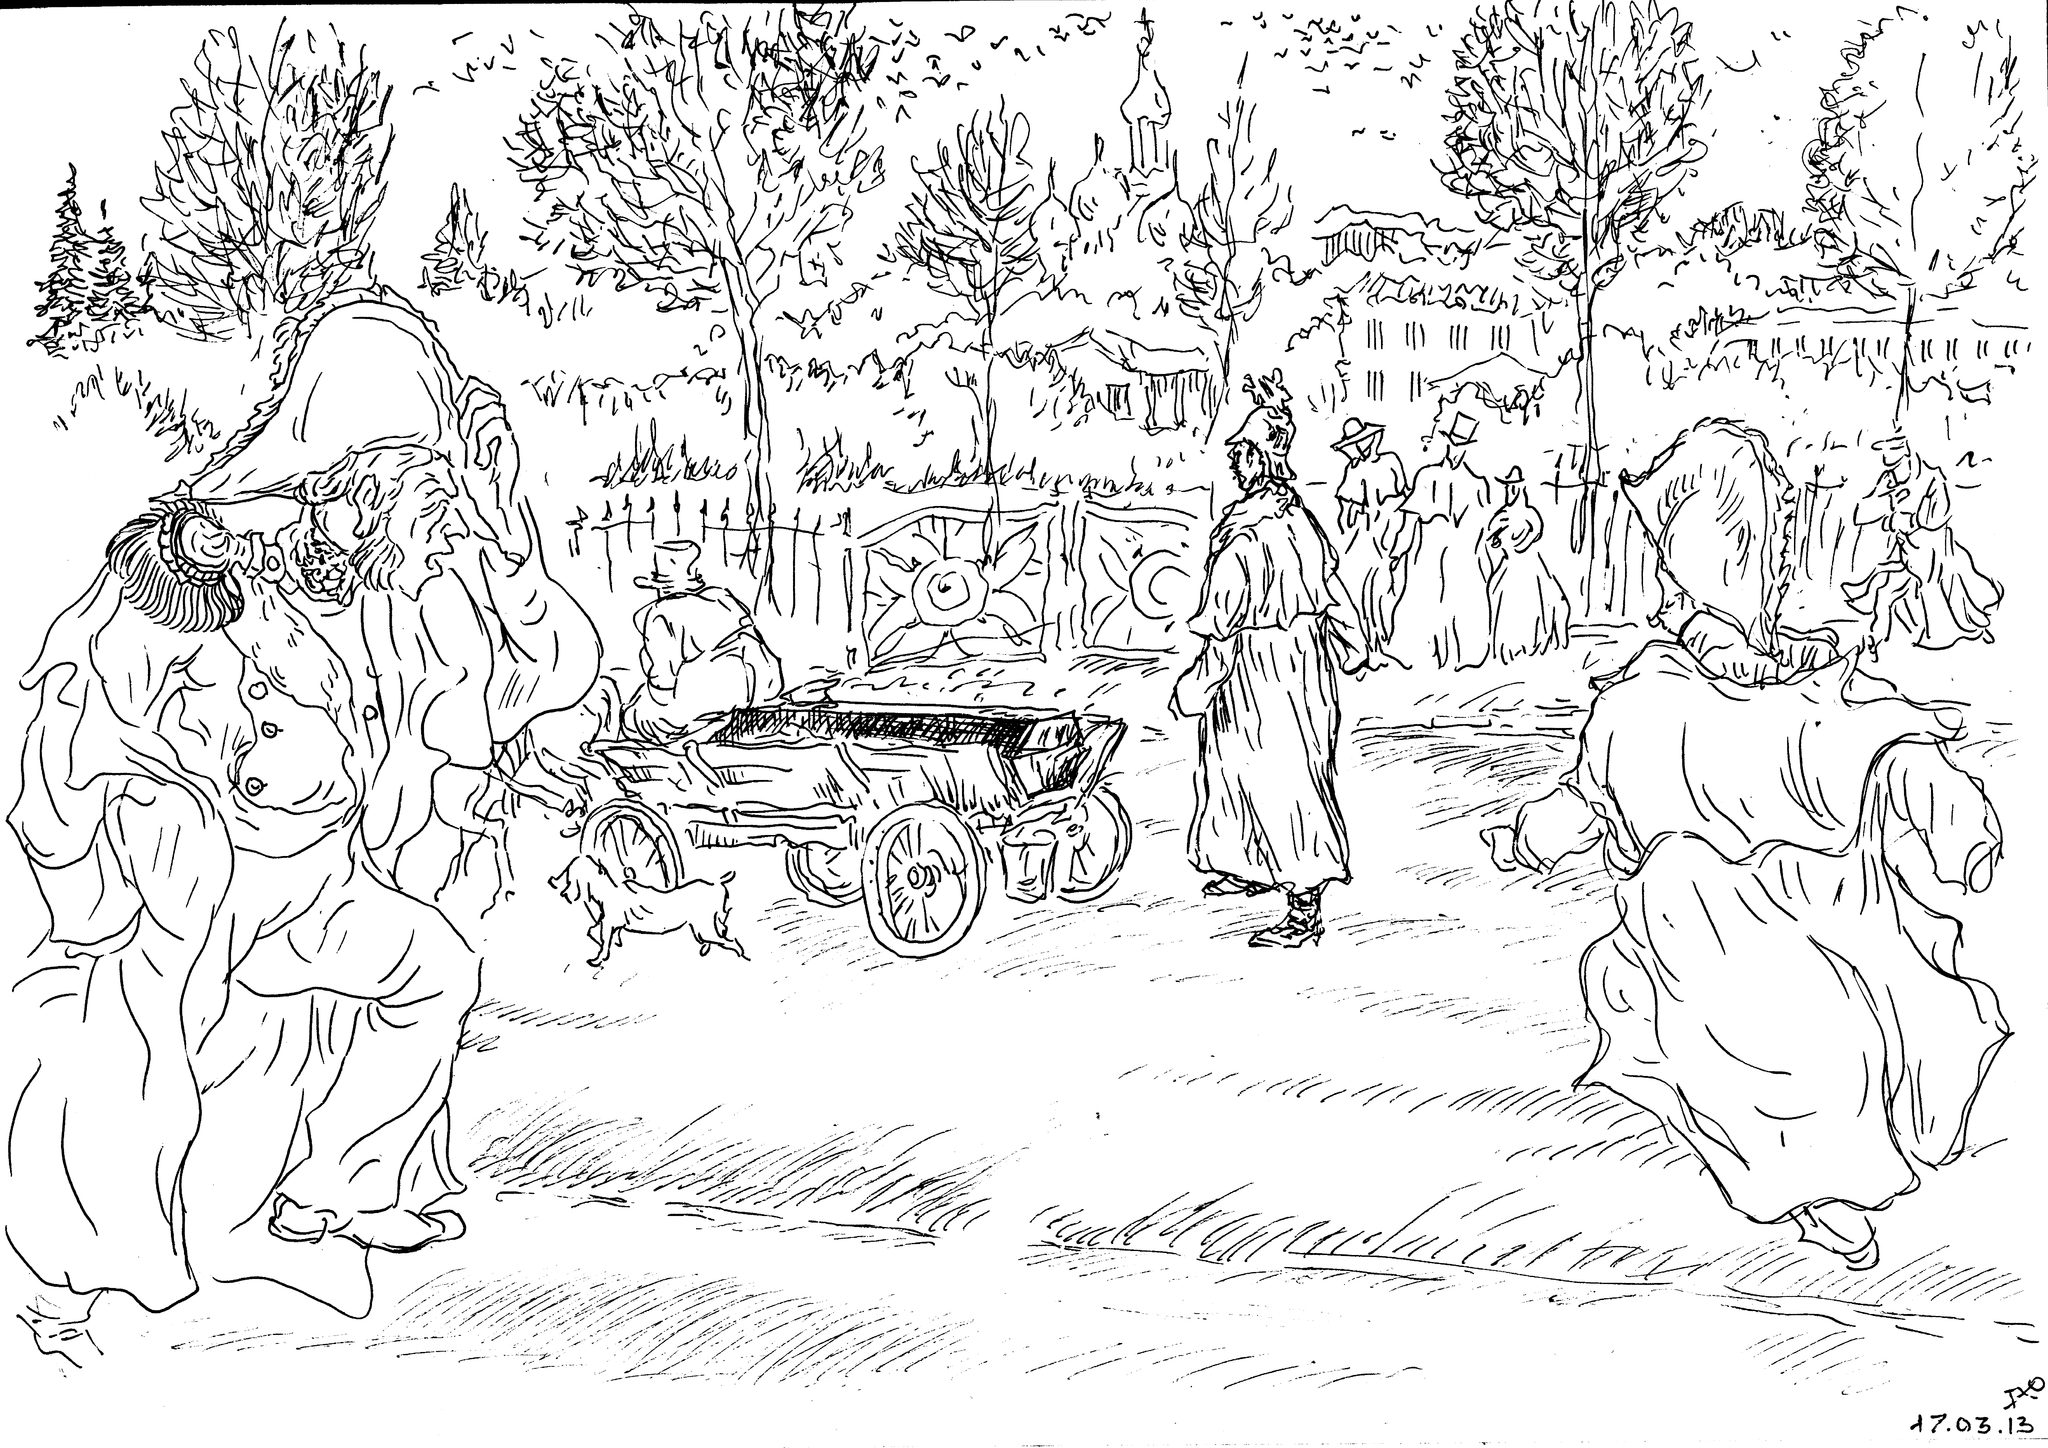 Отношение Романова Николая Павловича к людям, честно и добросовестно исполнившим свой служебный долг